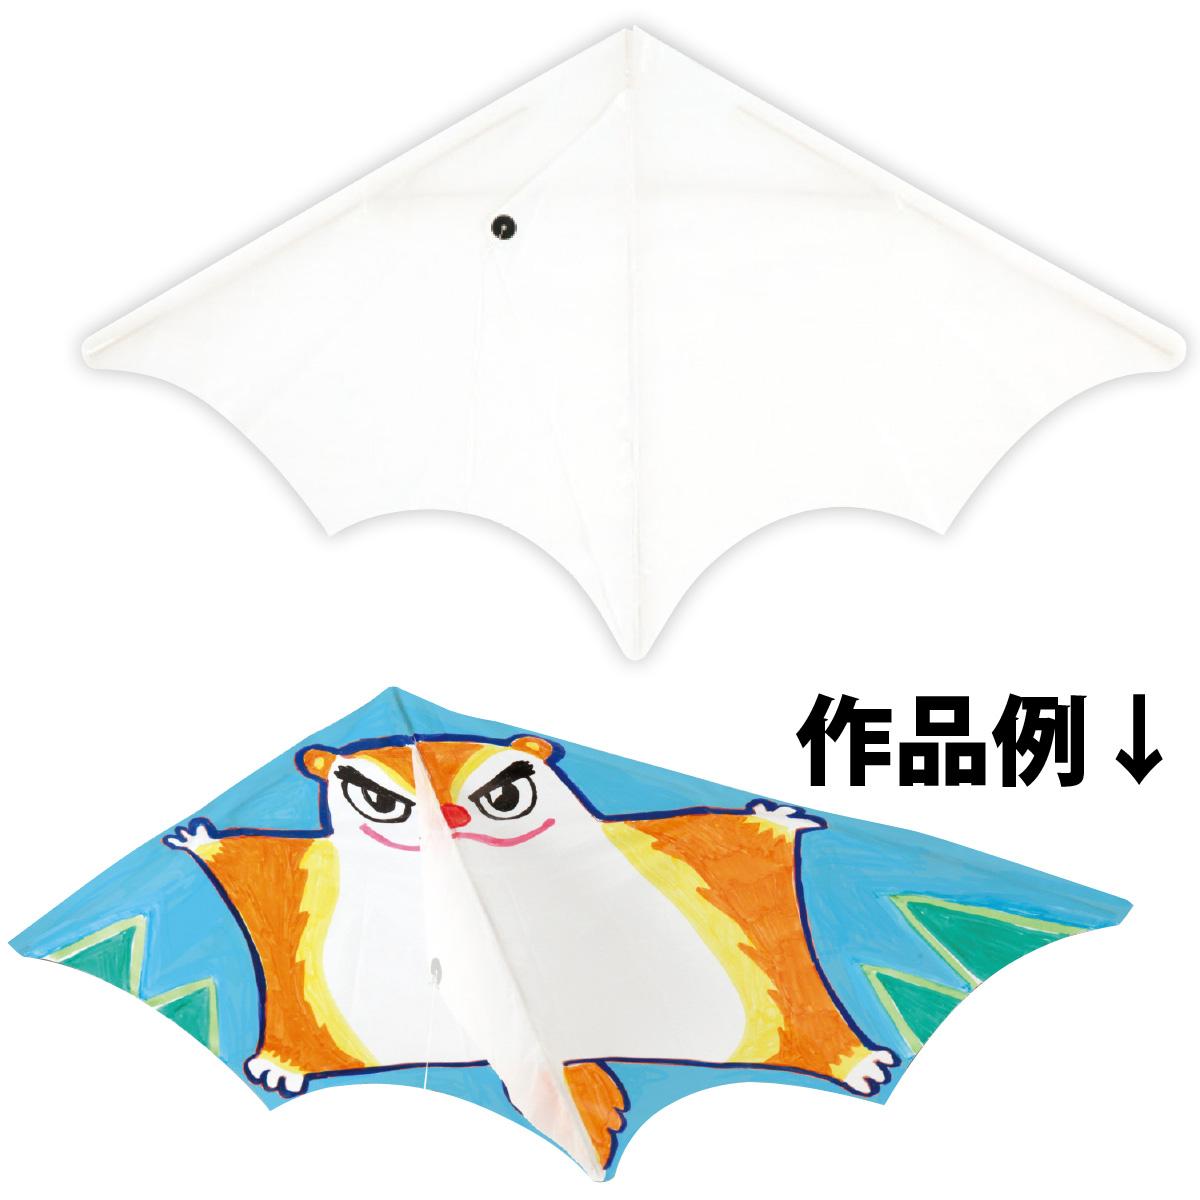 ぐんぐん凧 凧揚げ 002398 アーテック 知育 学習 まなび 勉強 子供 ゲーム おもちゃ たこ 制作 冬休み